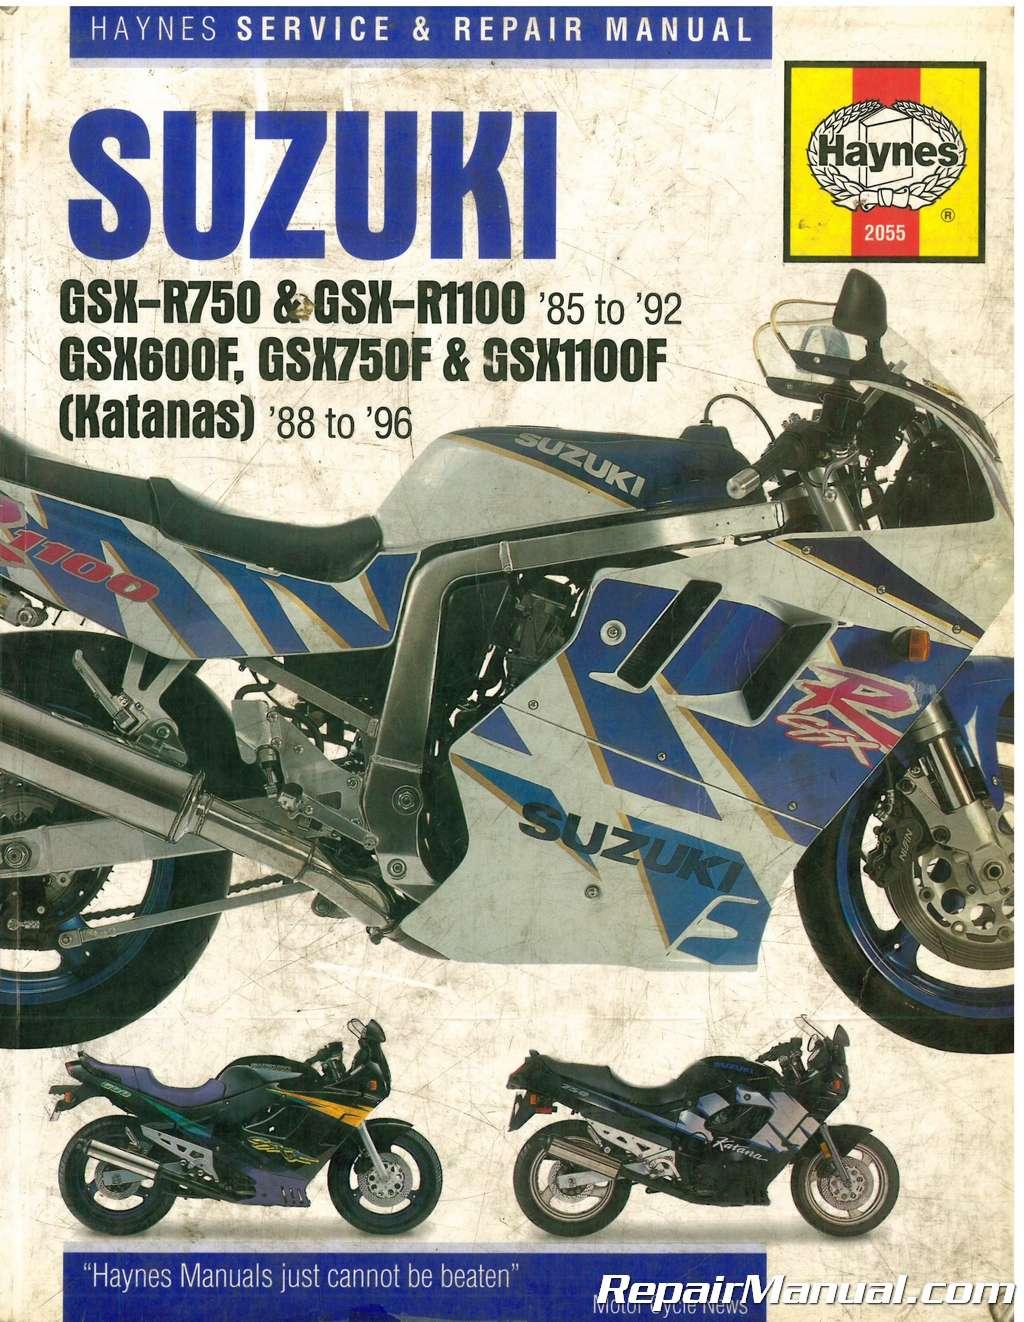 used suzuki gsx r 750 gsx r 1100 1985 1992 katana 600 750 1100 1988 rh repairmanual com 2003 Suzuki Gsxr 750 2003 Suzuki Gsxr 750